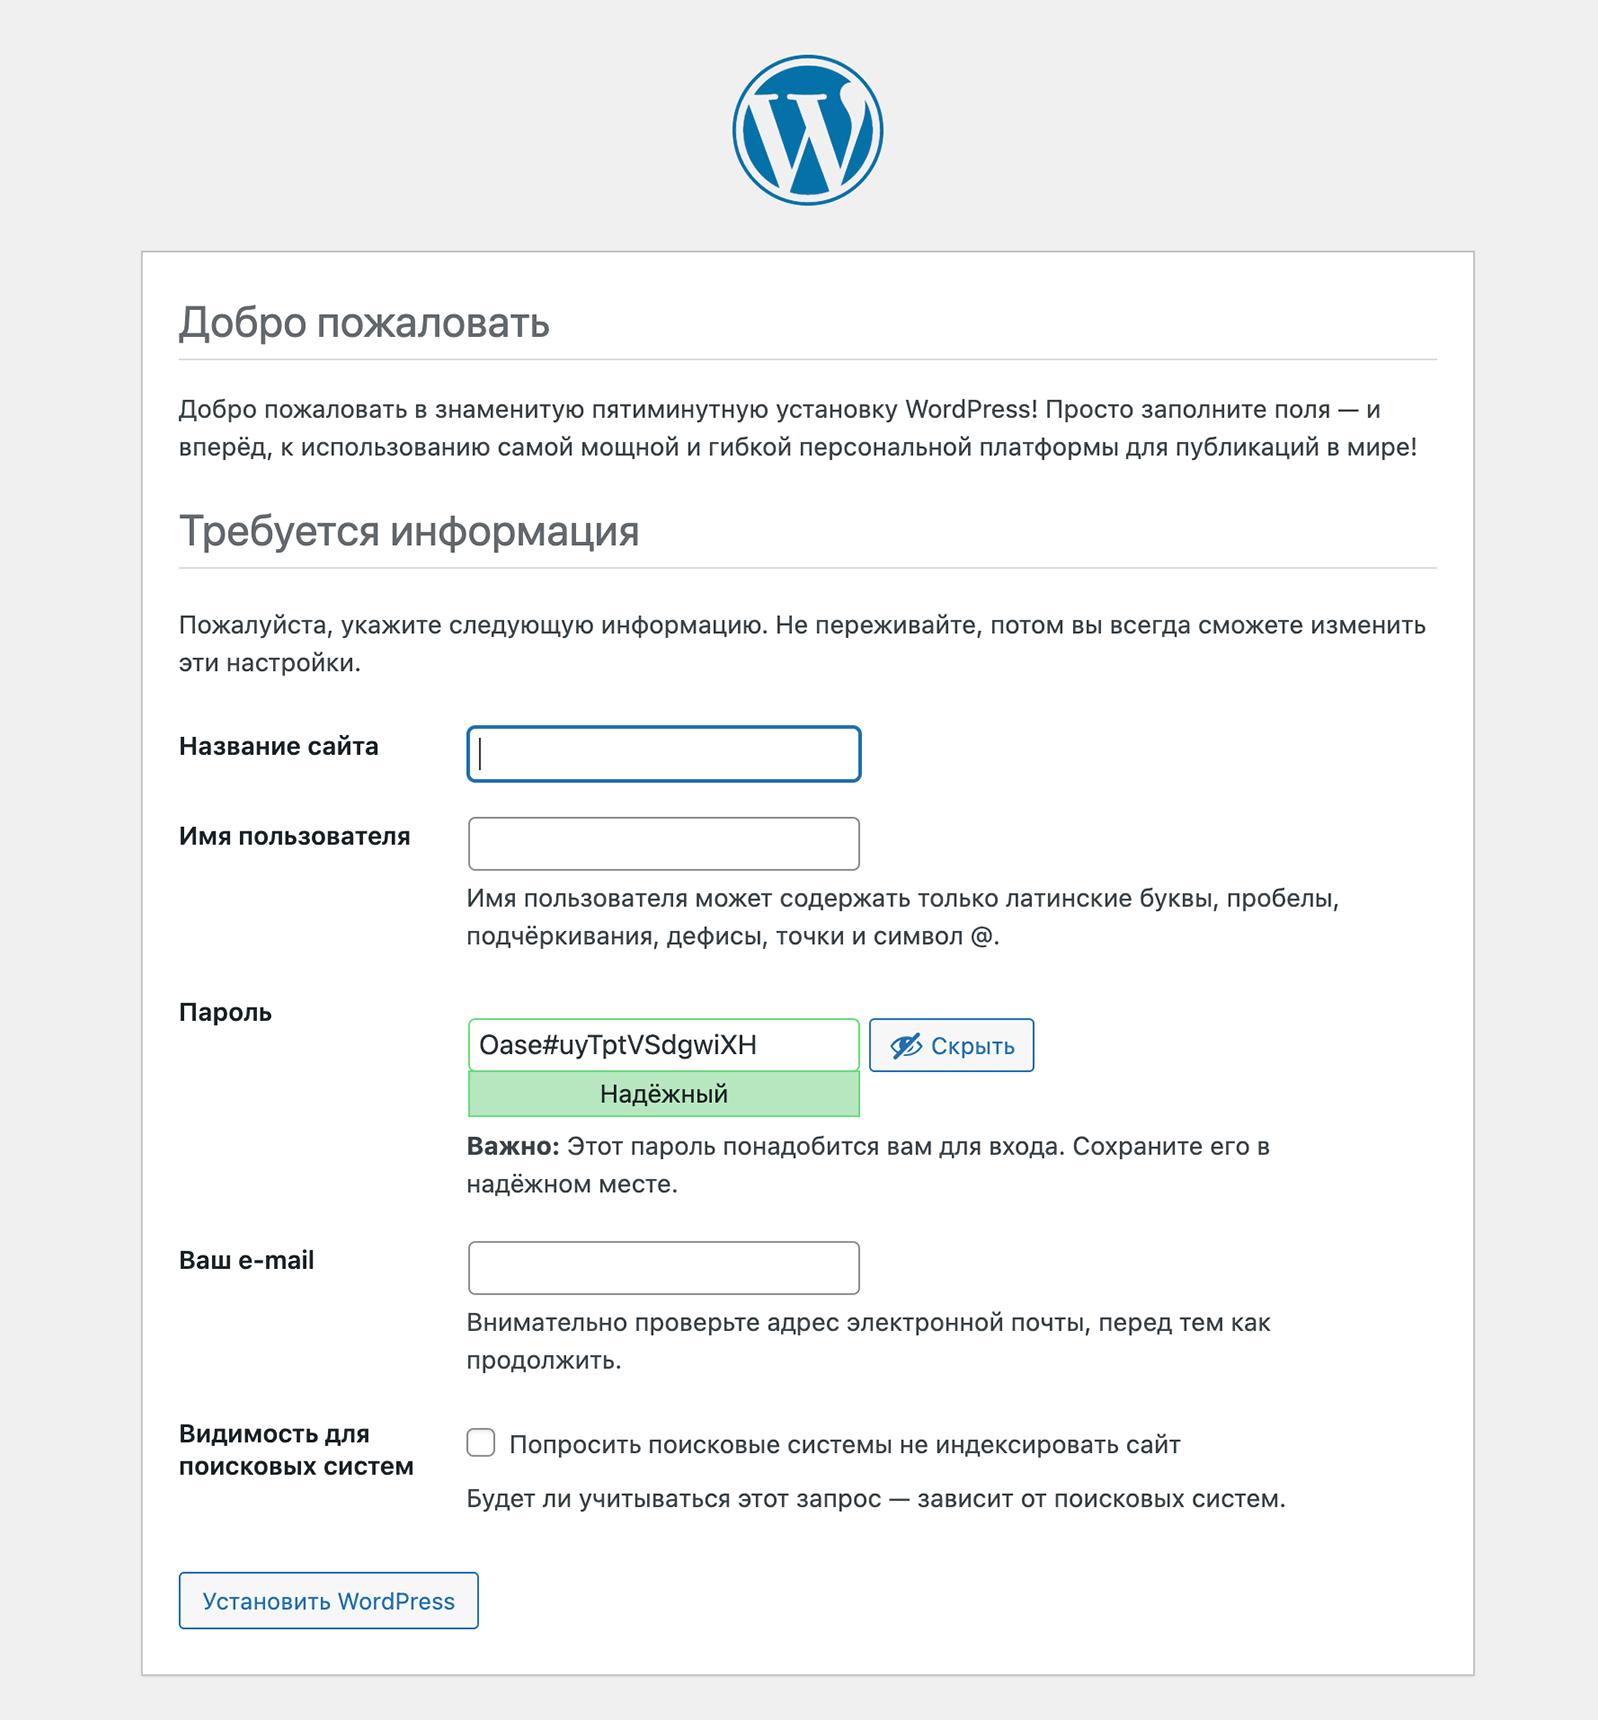 Страница установки WordPress с настройками сайта